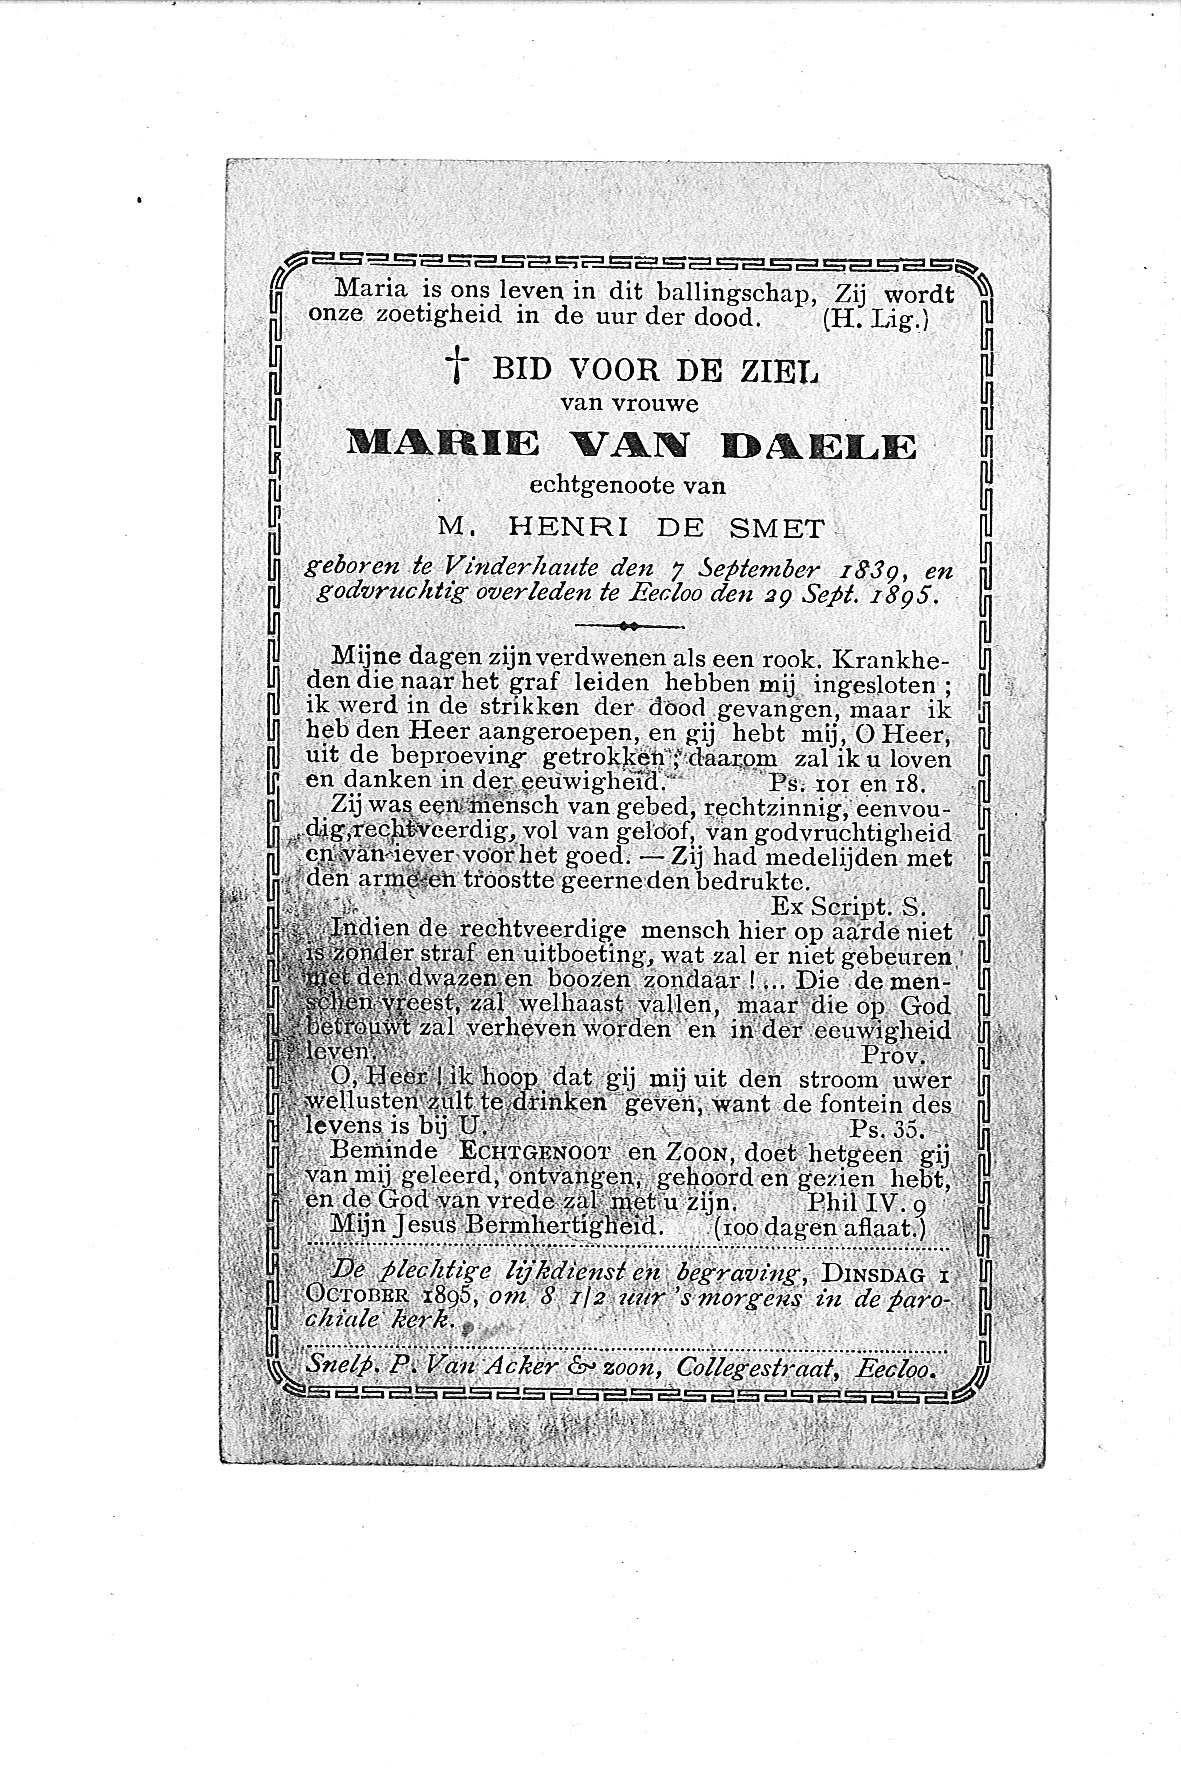 Marie(1895)20091211103320_00006.jpg